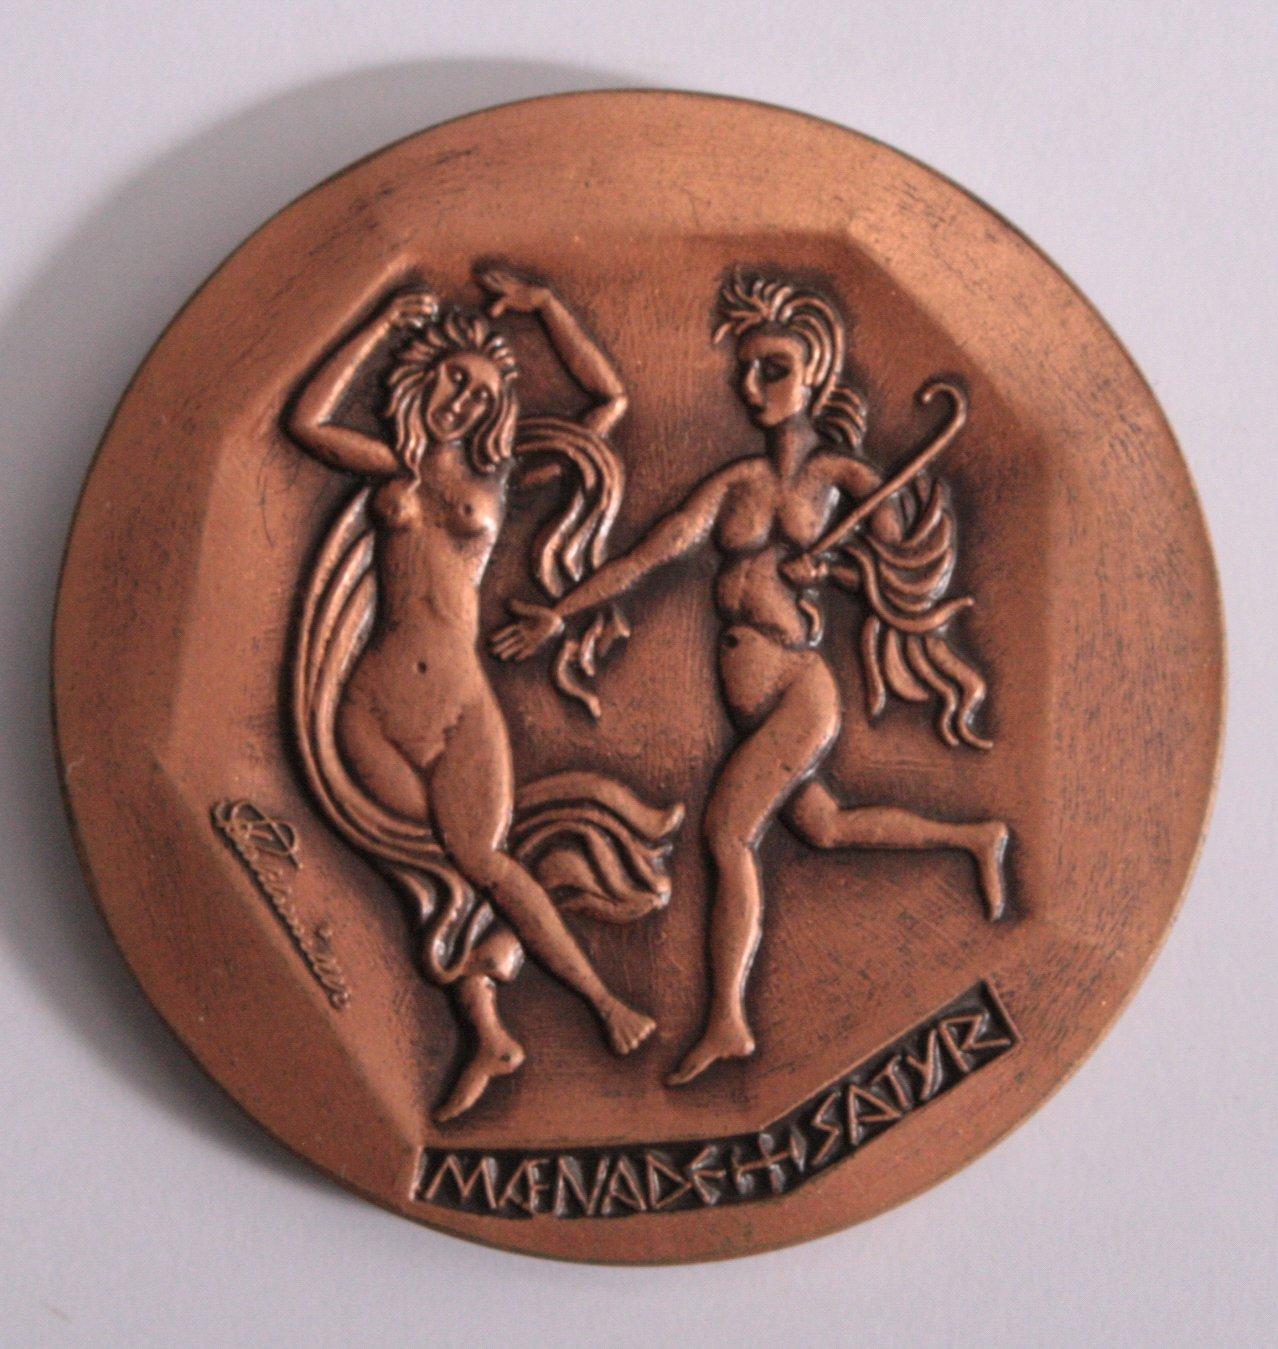 Medaille Köln Fidem 1971, sign. Stuhhlmüller